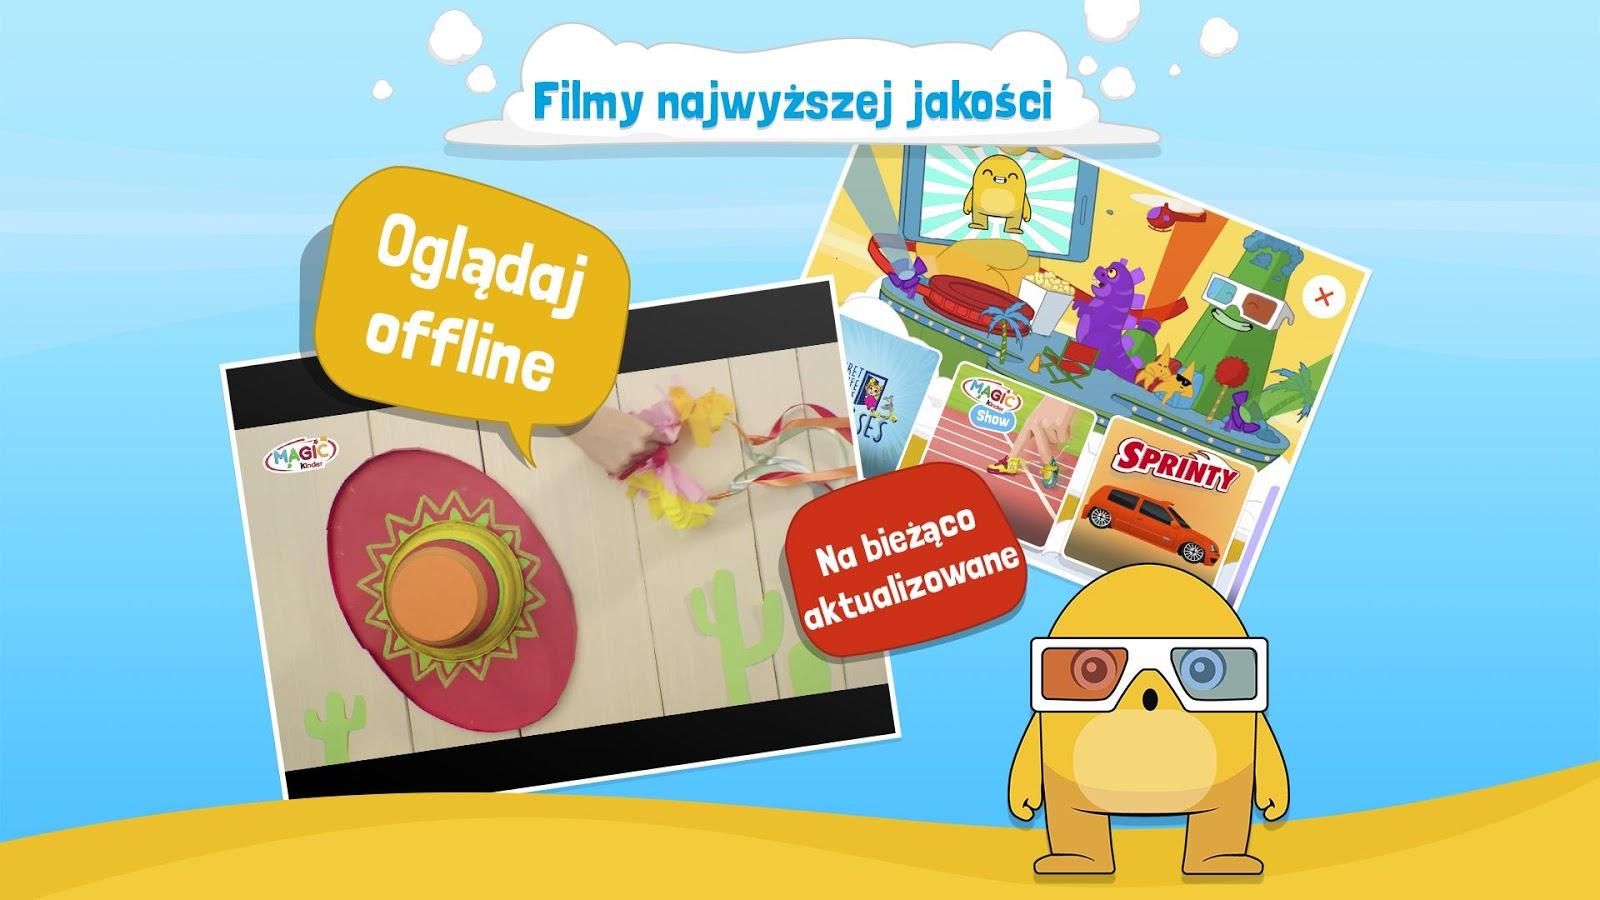 Magic kinder gry dla dzieci aplikacje na androida w google play - Kinderapps gratis ...